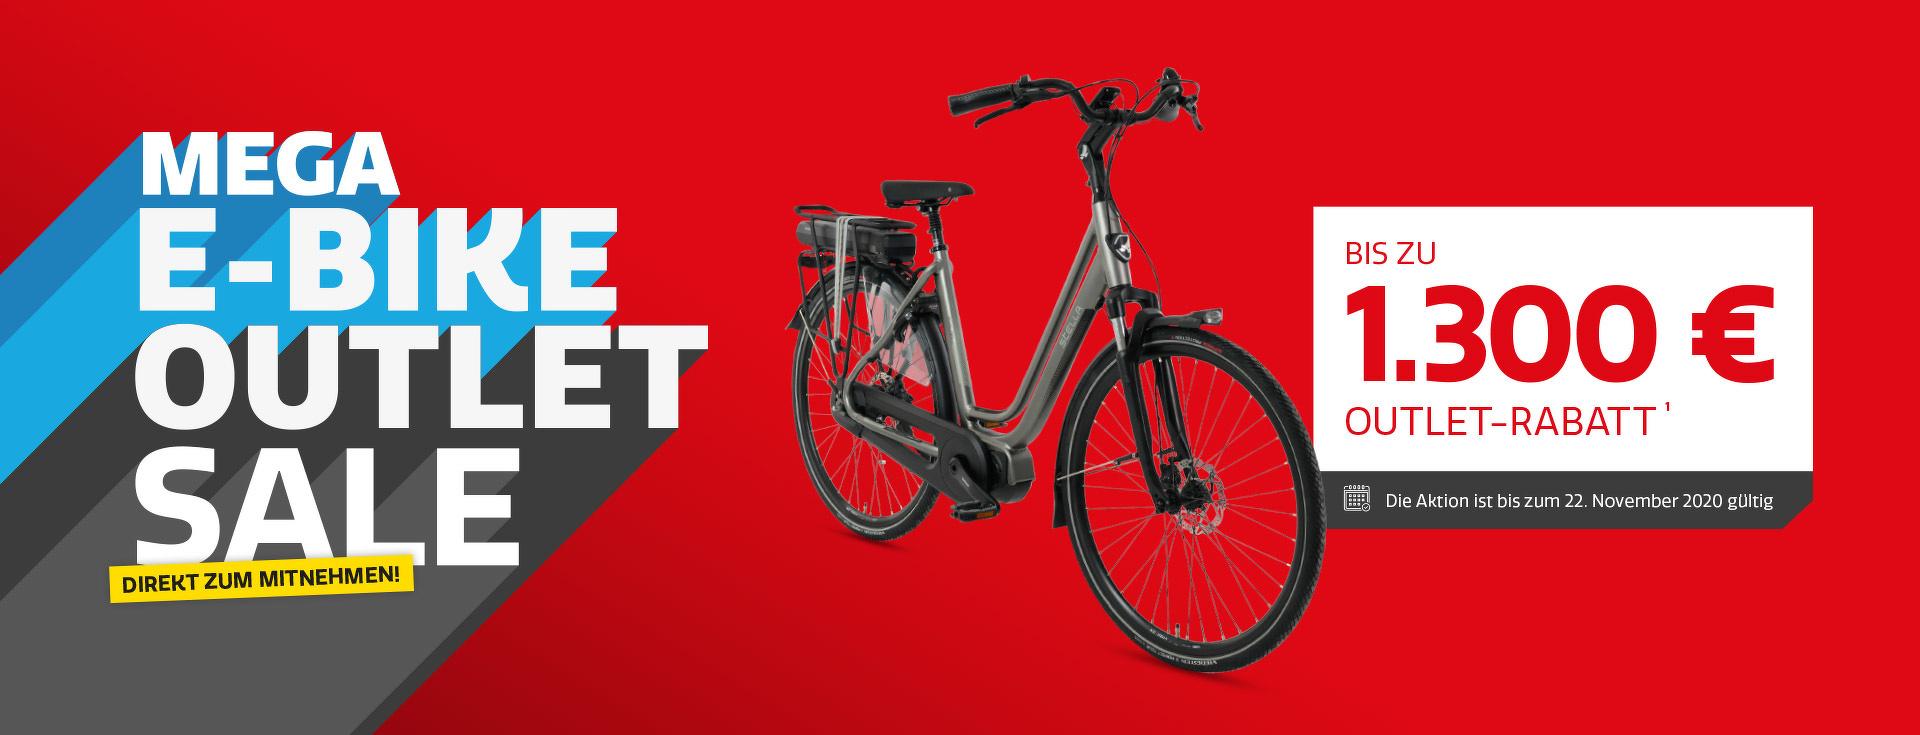 Mega E-Bike Outlet Sale